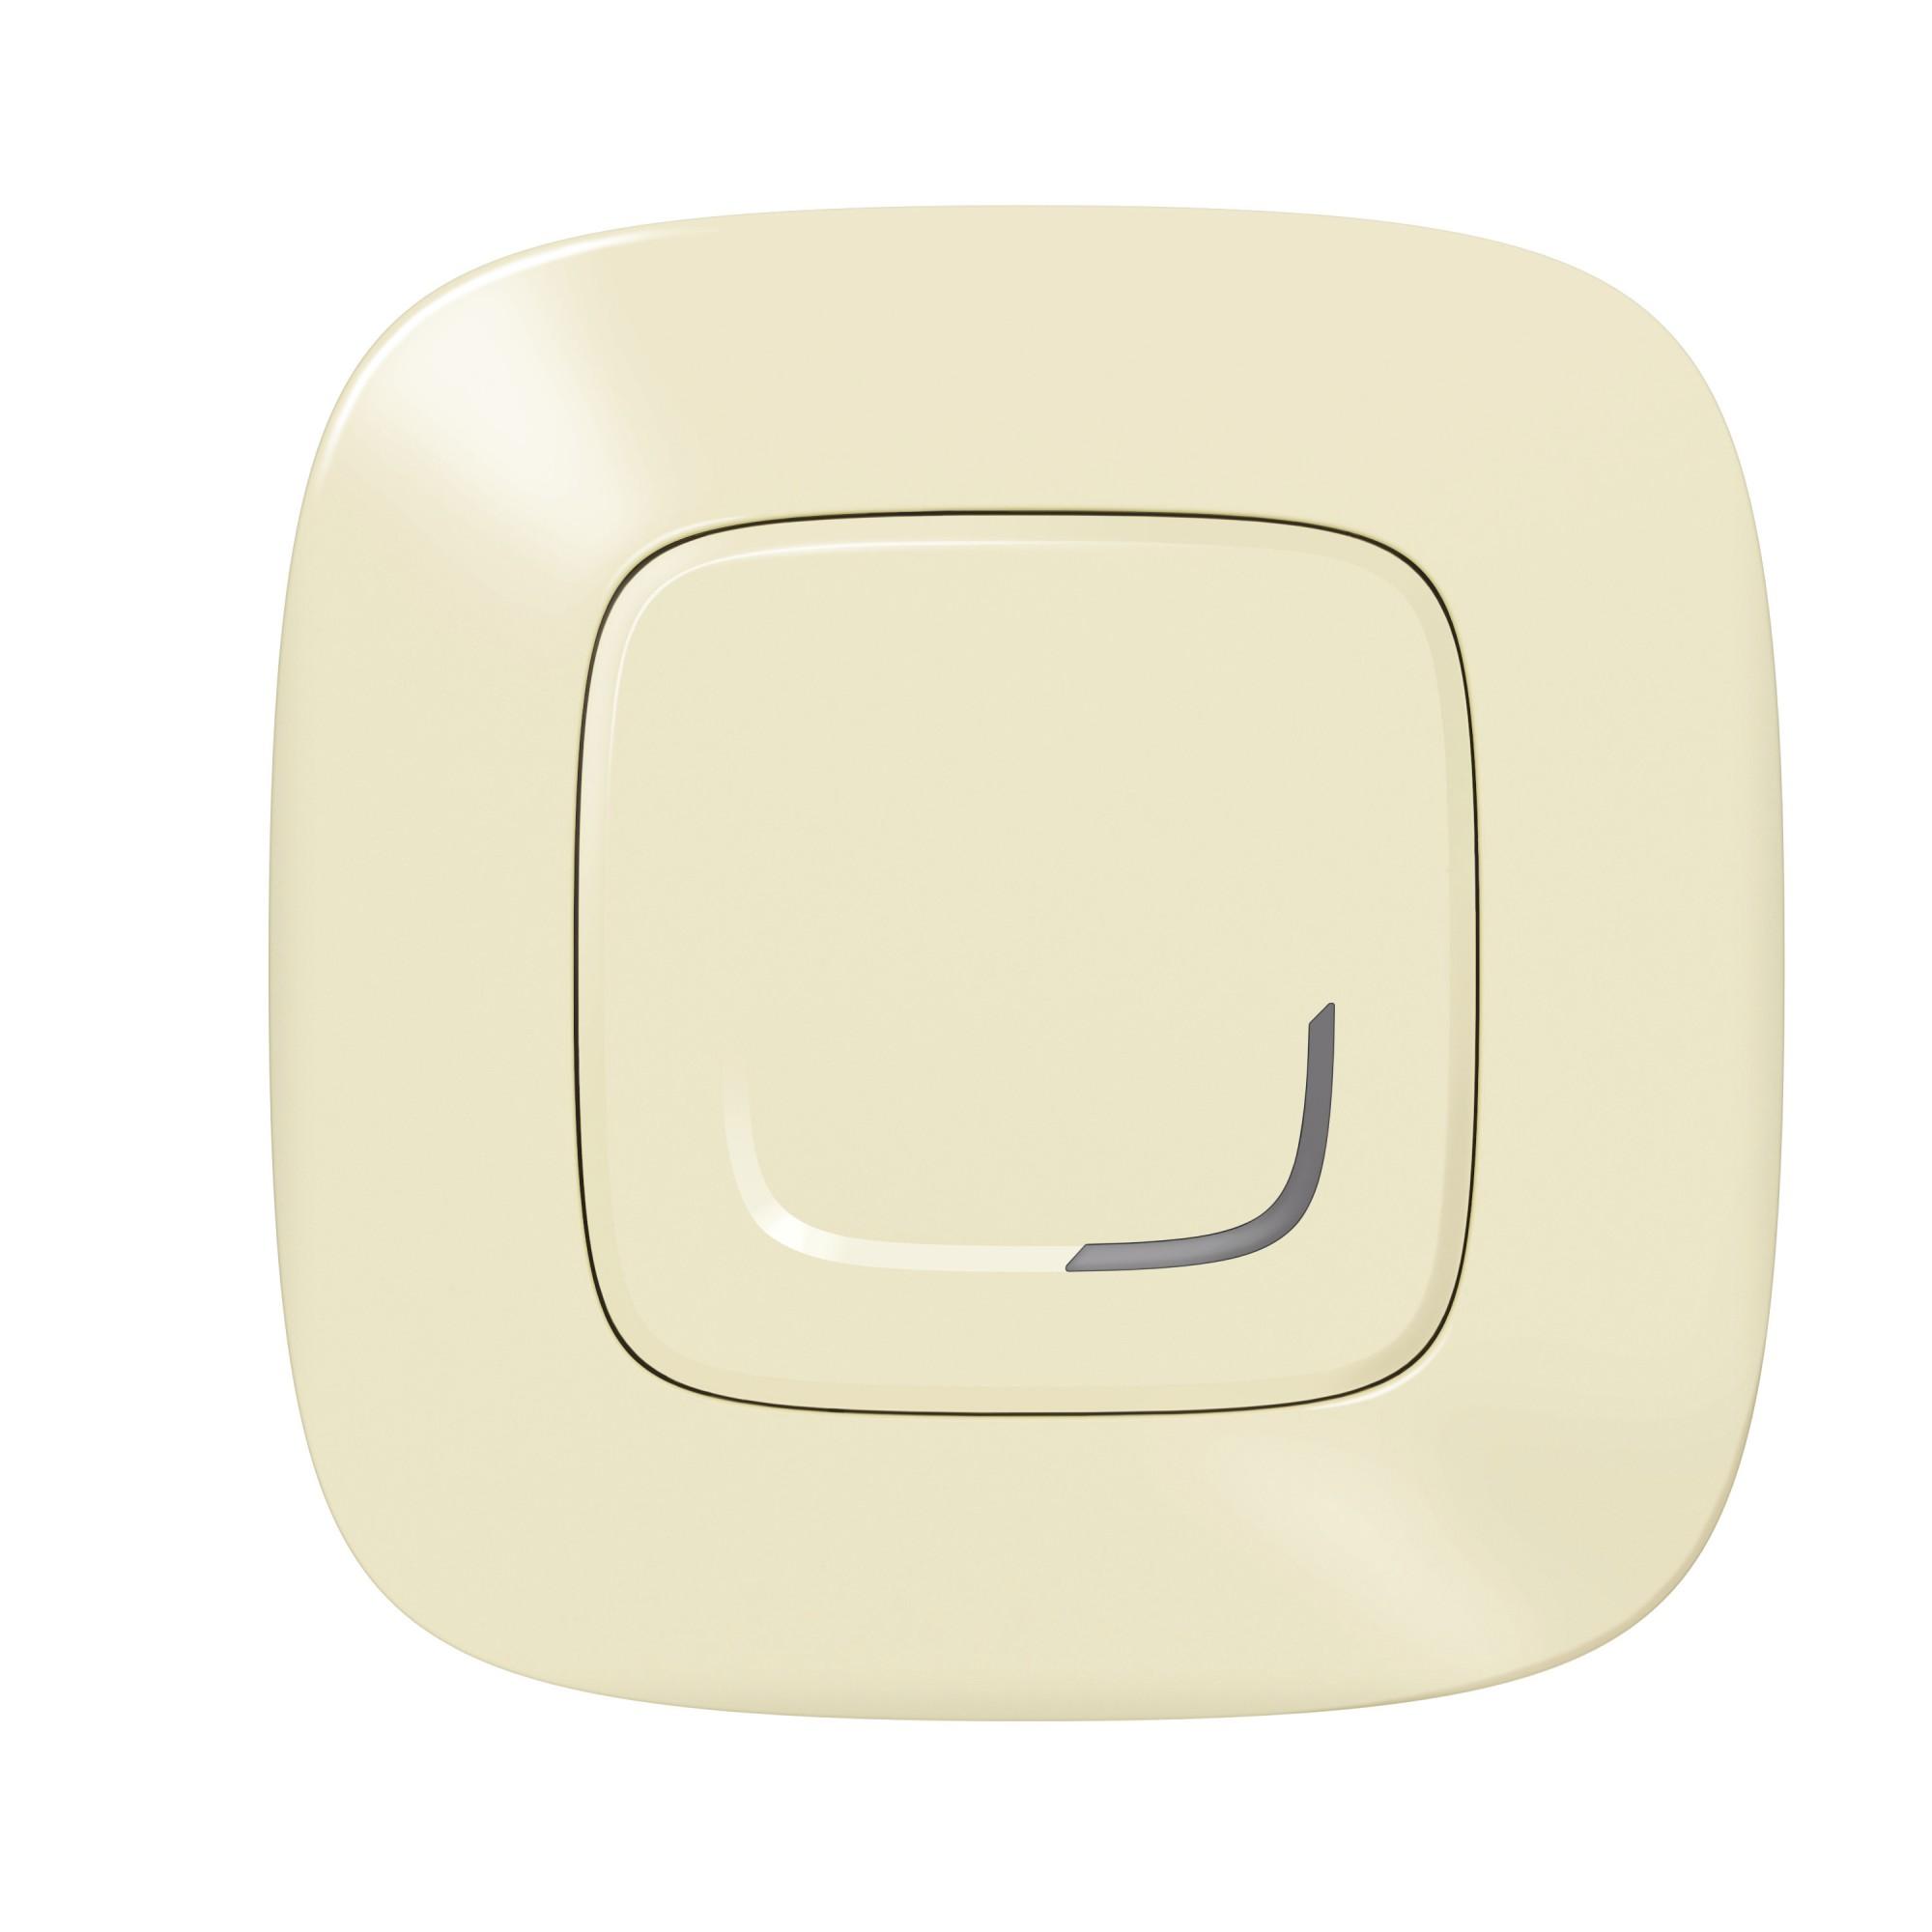 Умный проводной выключатель с опцией светорегулирования 5-300 Вт 230В. Цвет Слоновая кость Legrand Valena Allure with NETATMO 752684